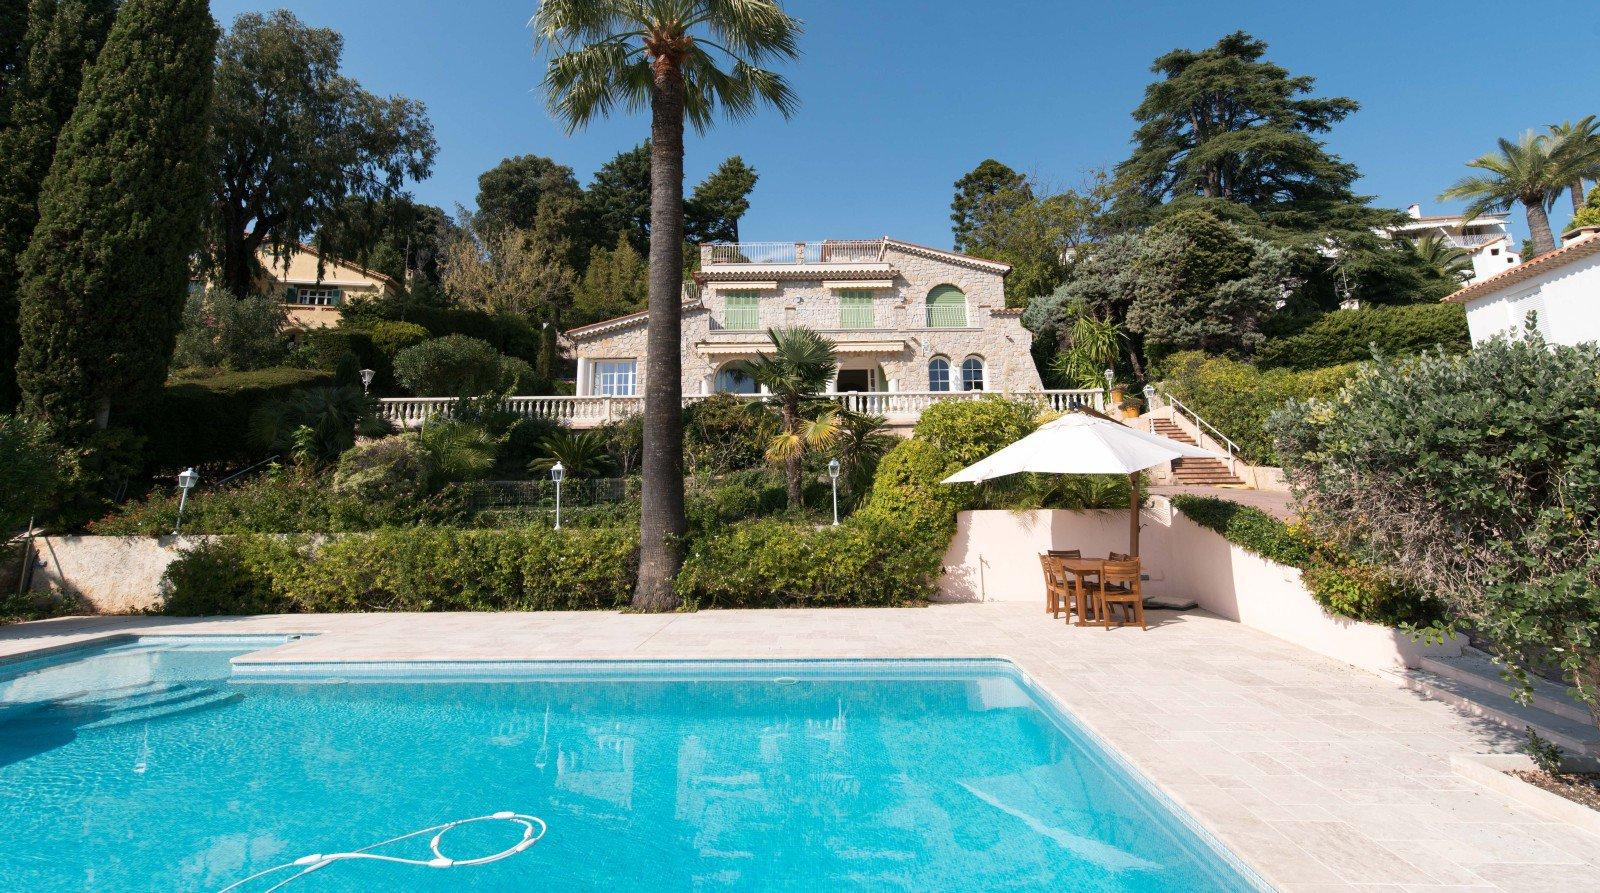 Magnifique maison en pierres pres de la mer à Cannes